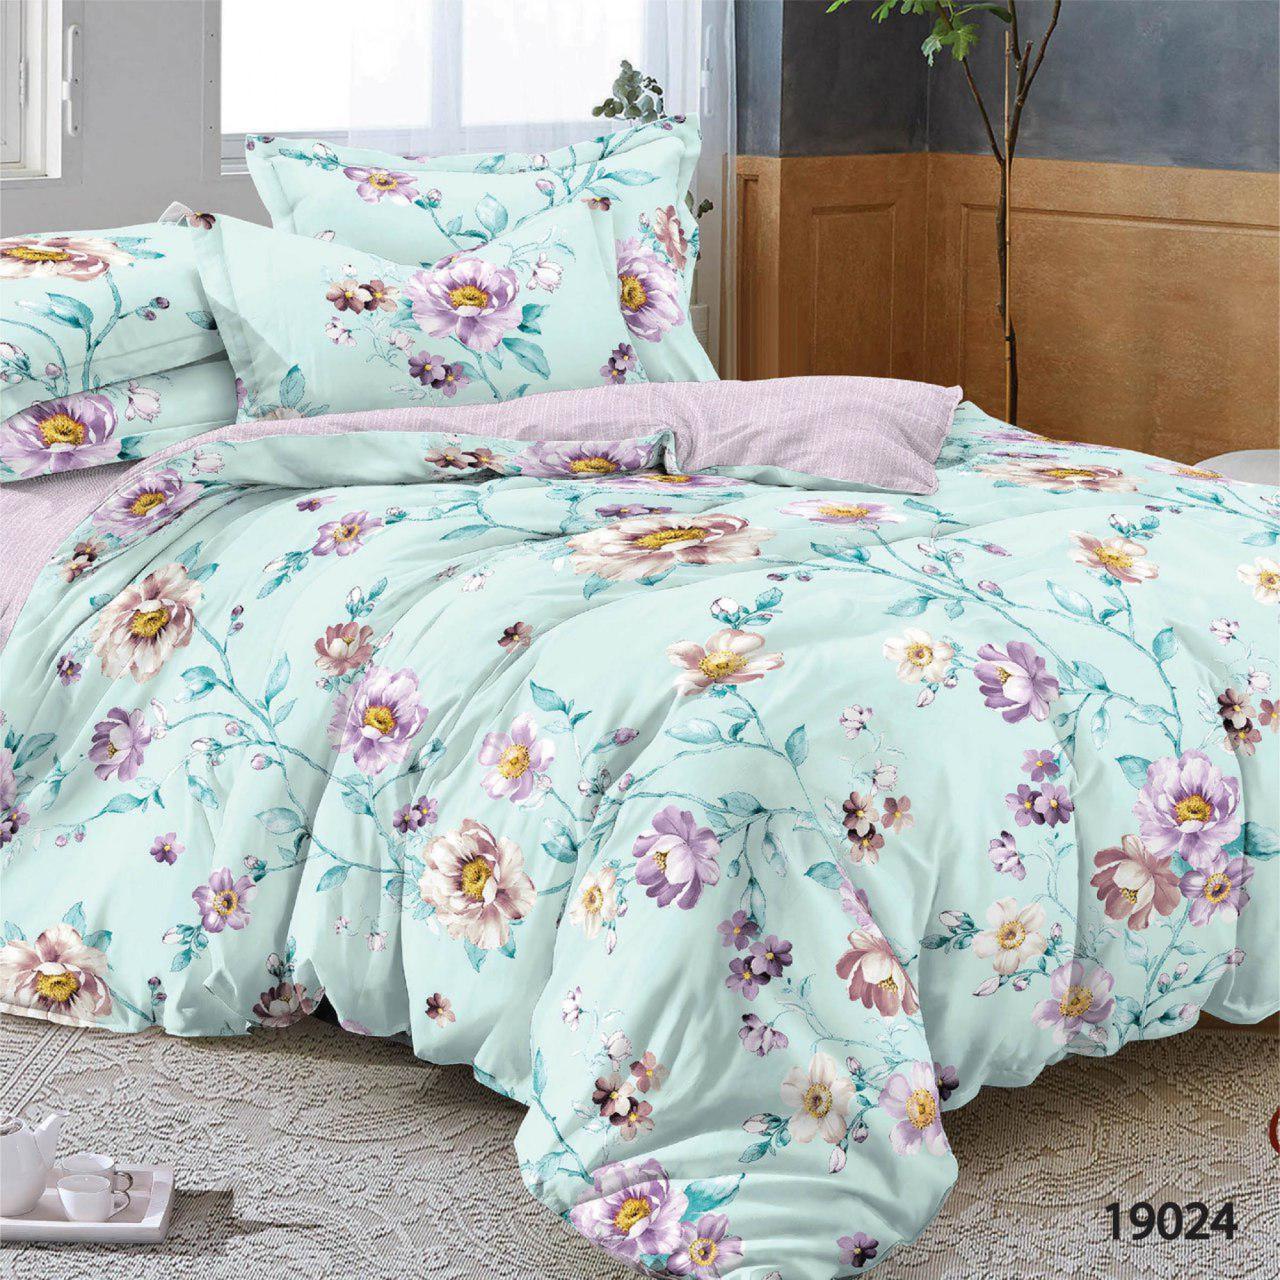 Комплект постельного белья Viluta 19024